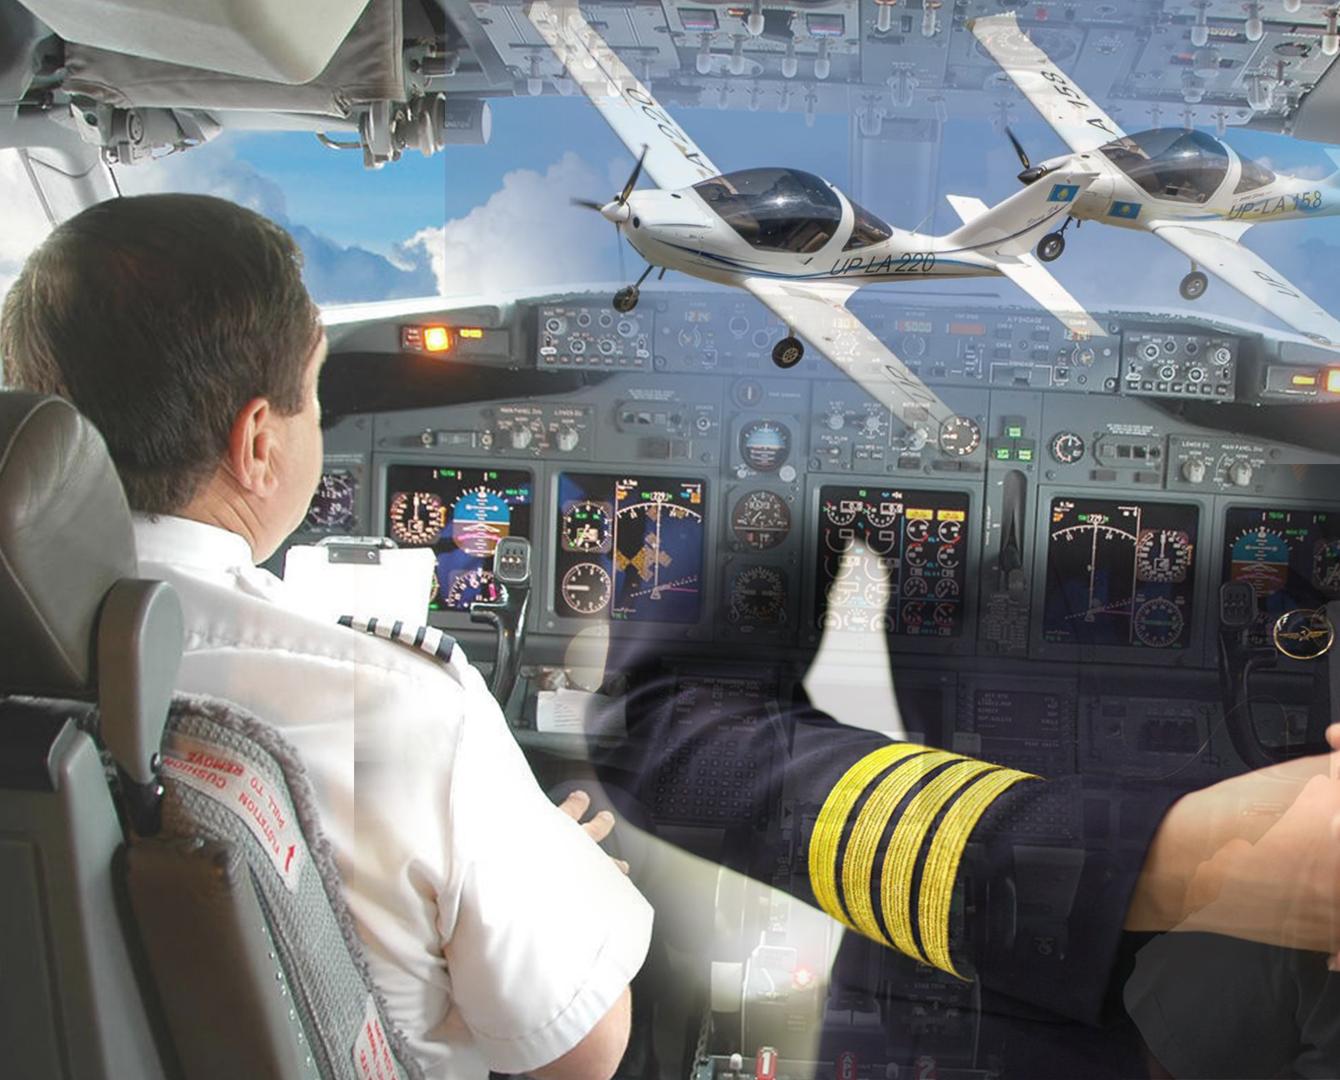 Новый учебный авиационный центр создадут в Астане в следующем году